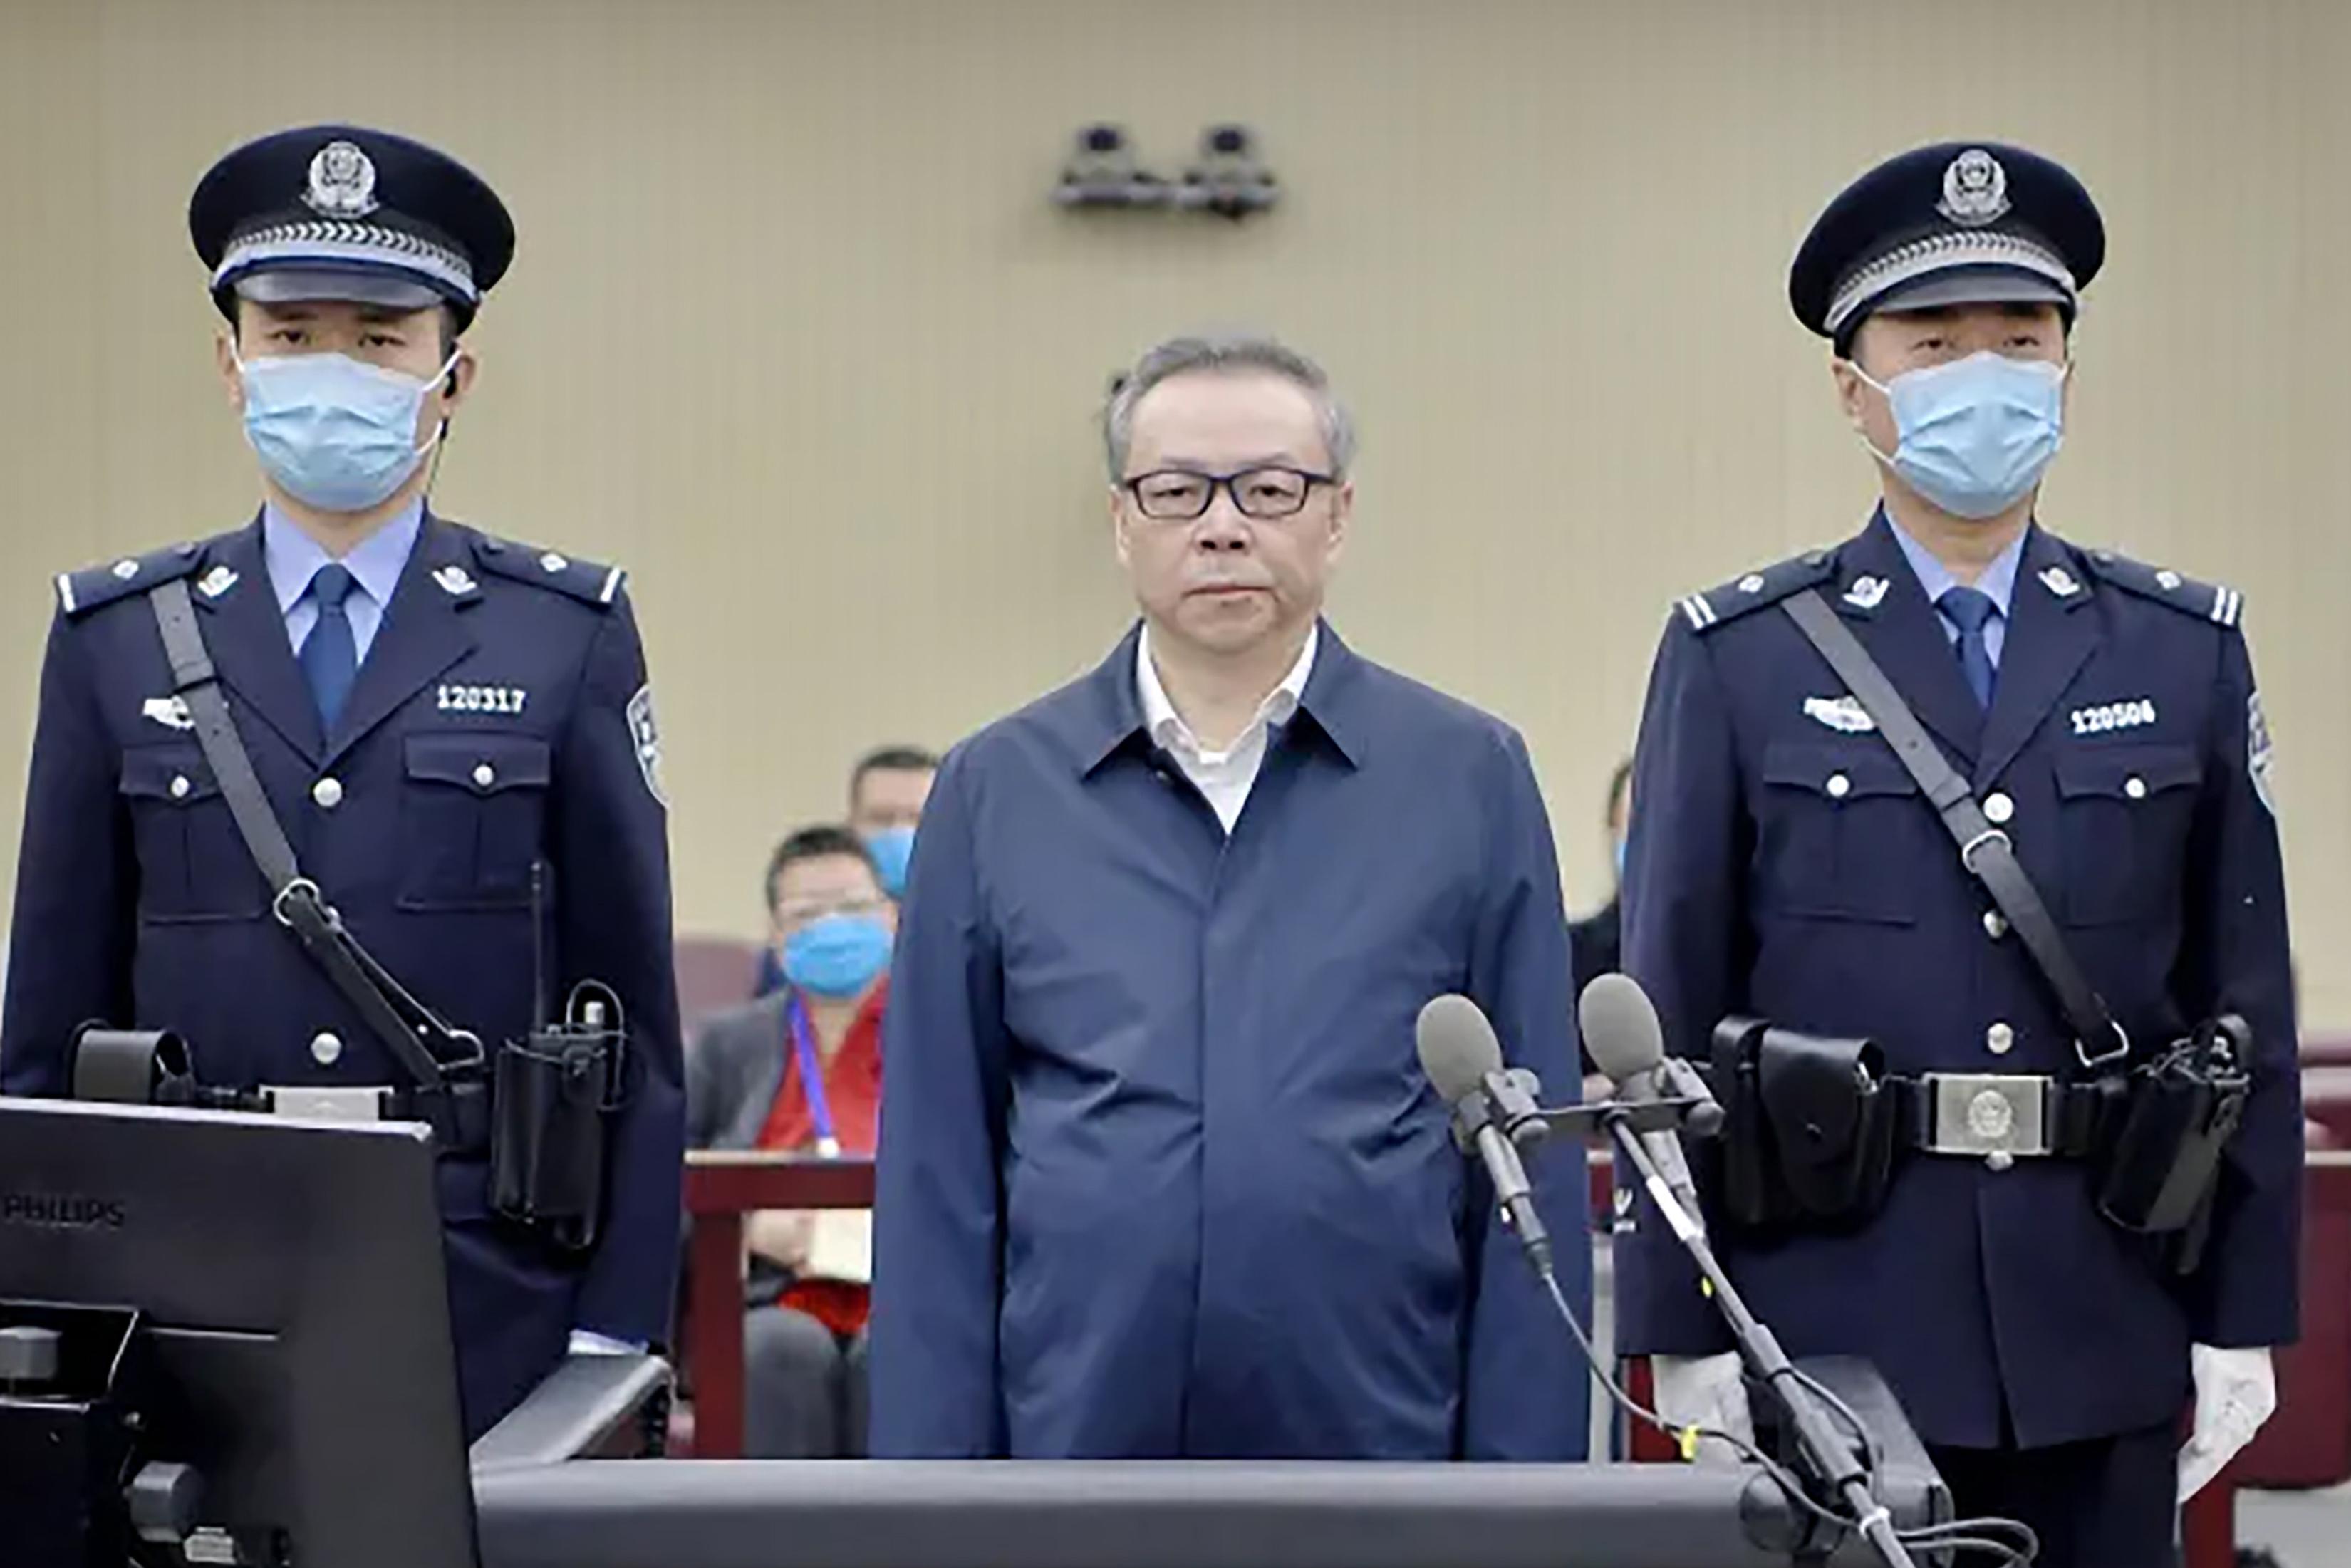 Óriási korrupcióért és bigámiáért ítéltek halálra egy vezető bankárt Kínában